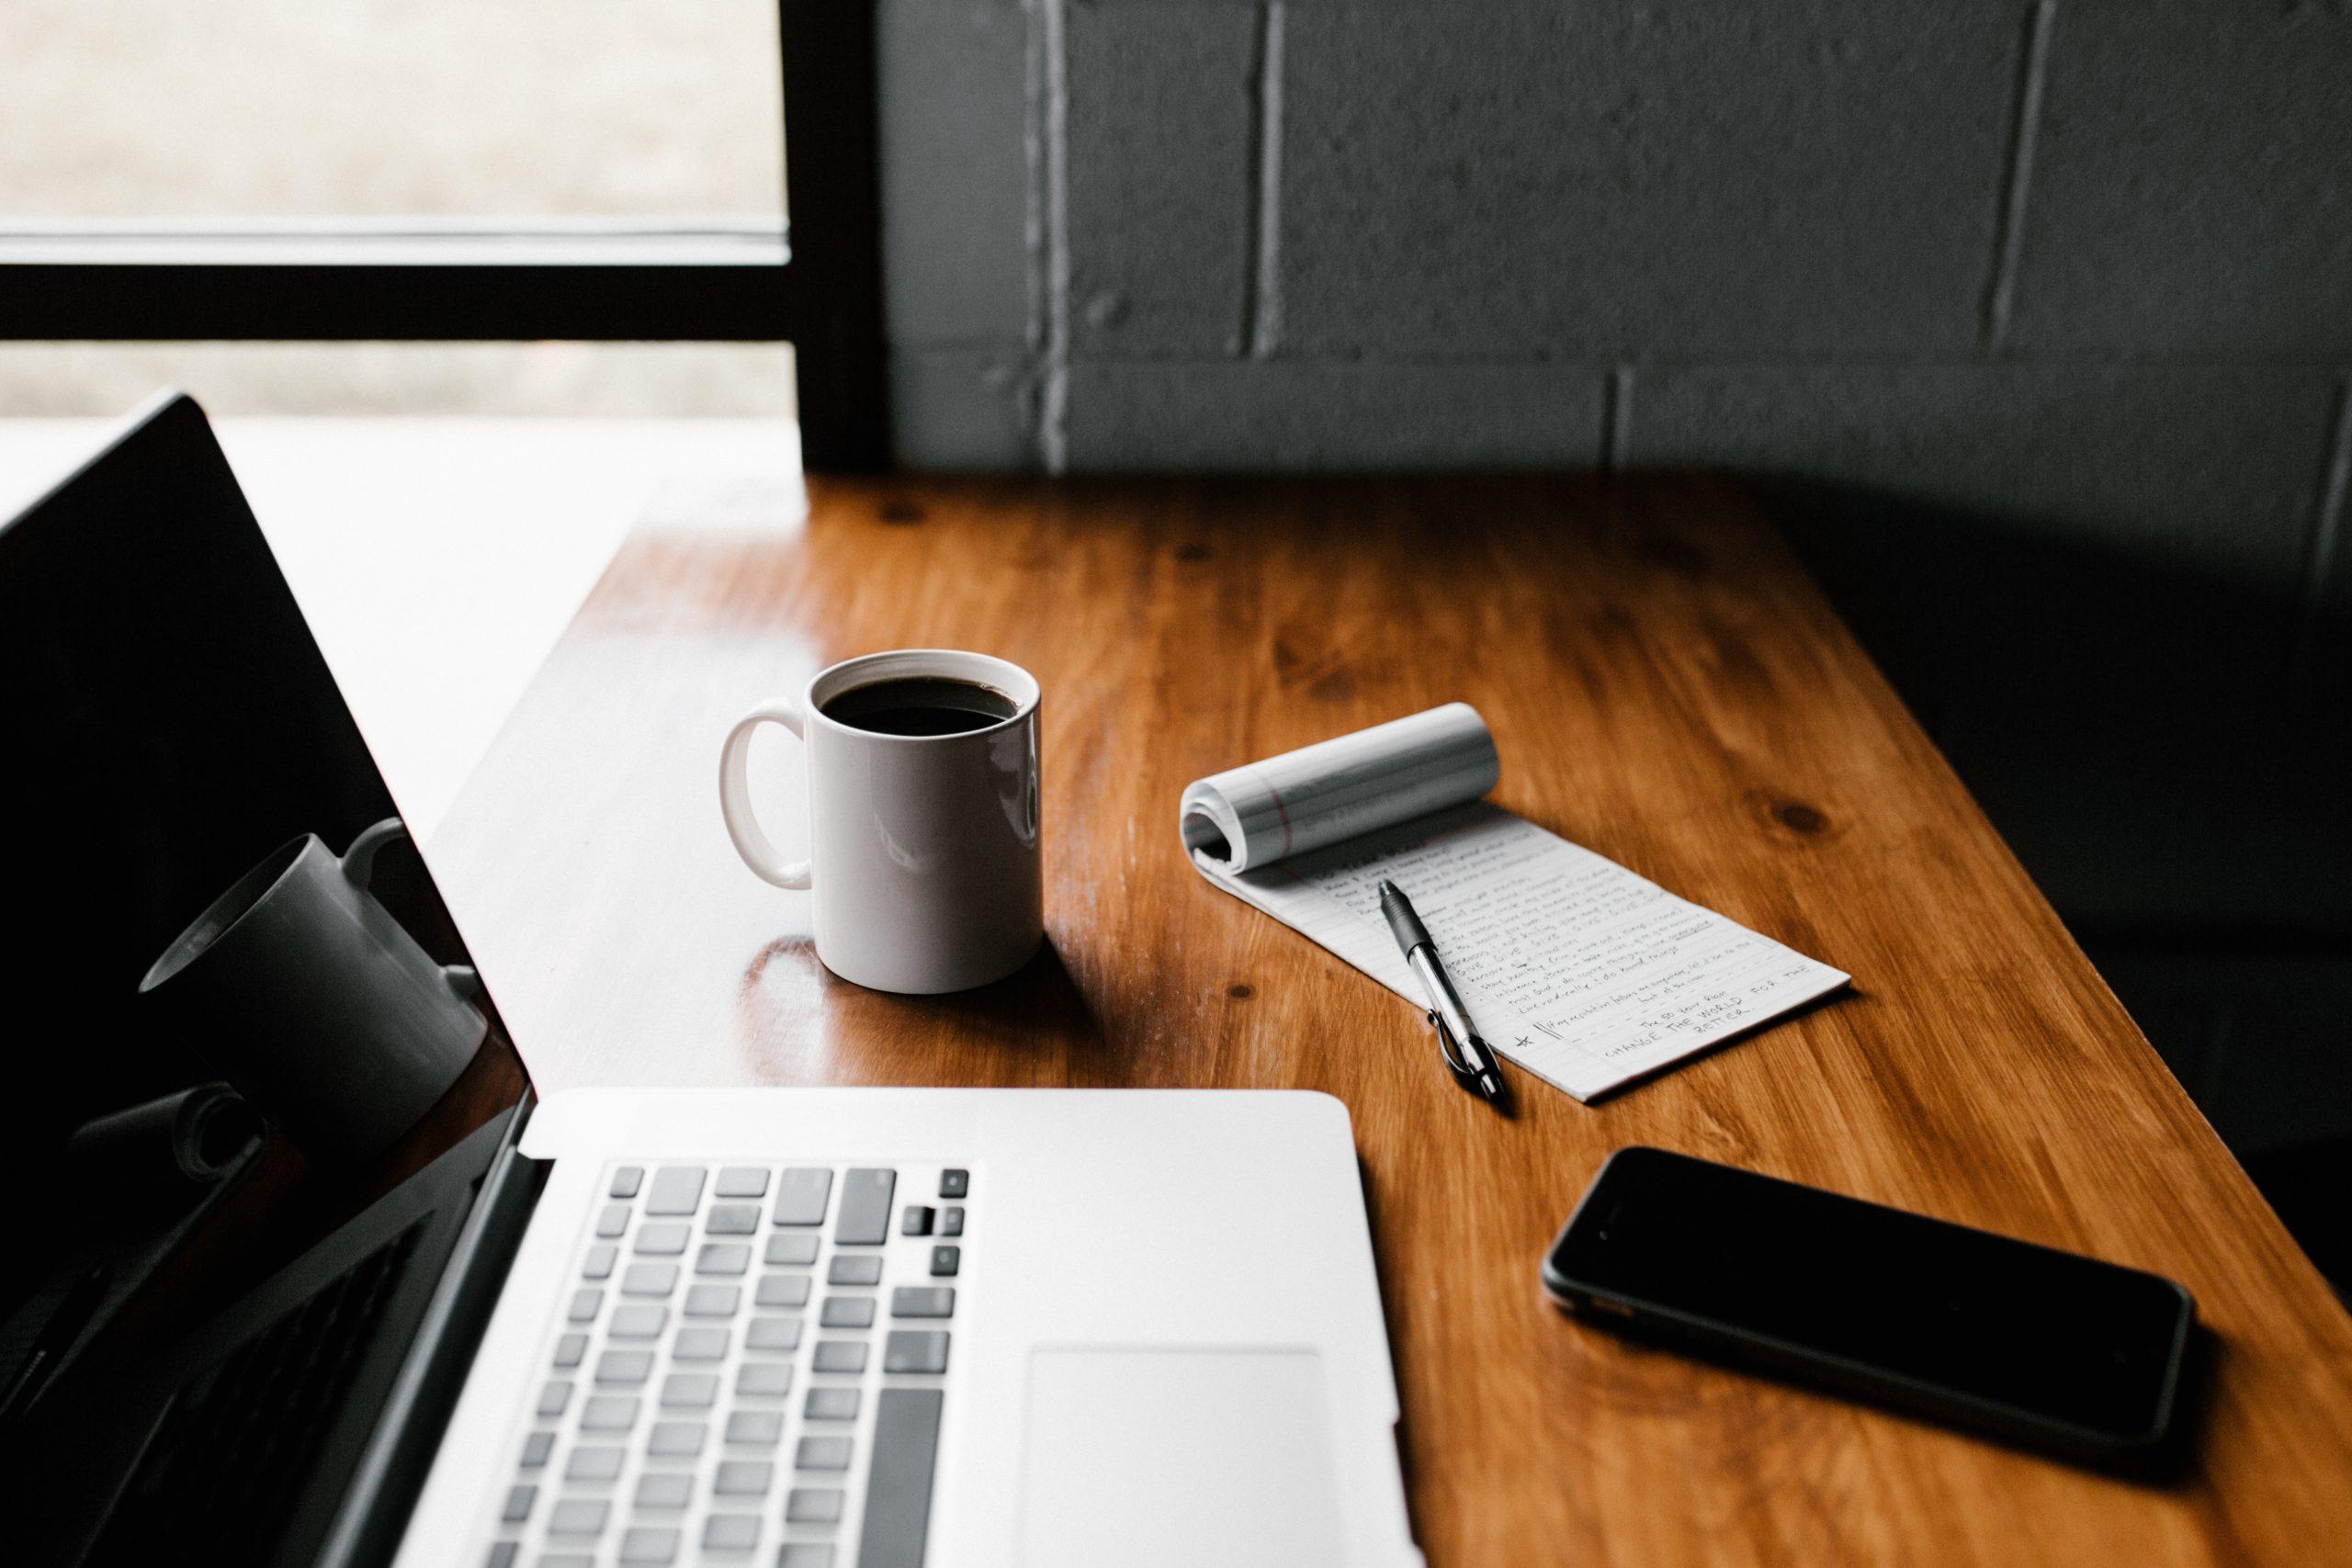 Home office Tisch mit Laptop, Cafe, Handy und Nozizenbuch